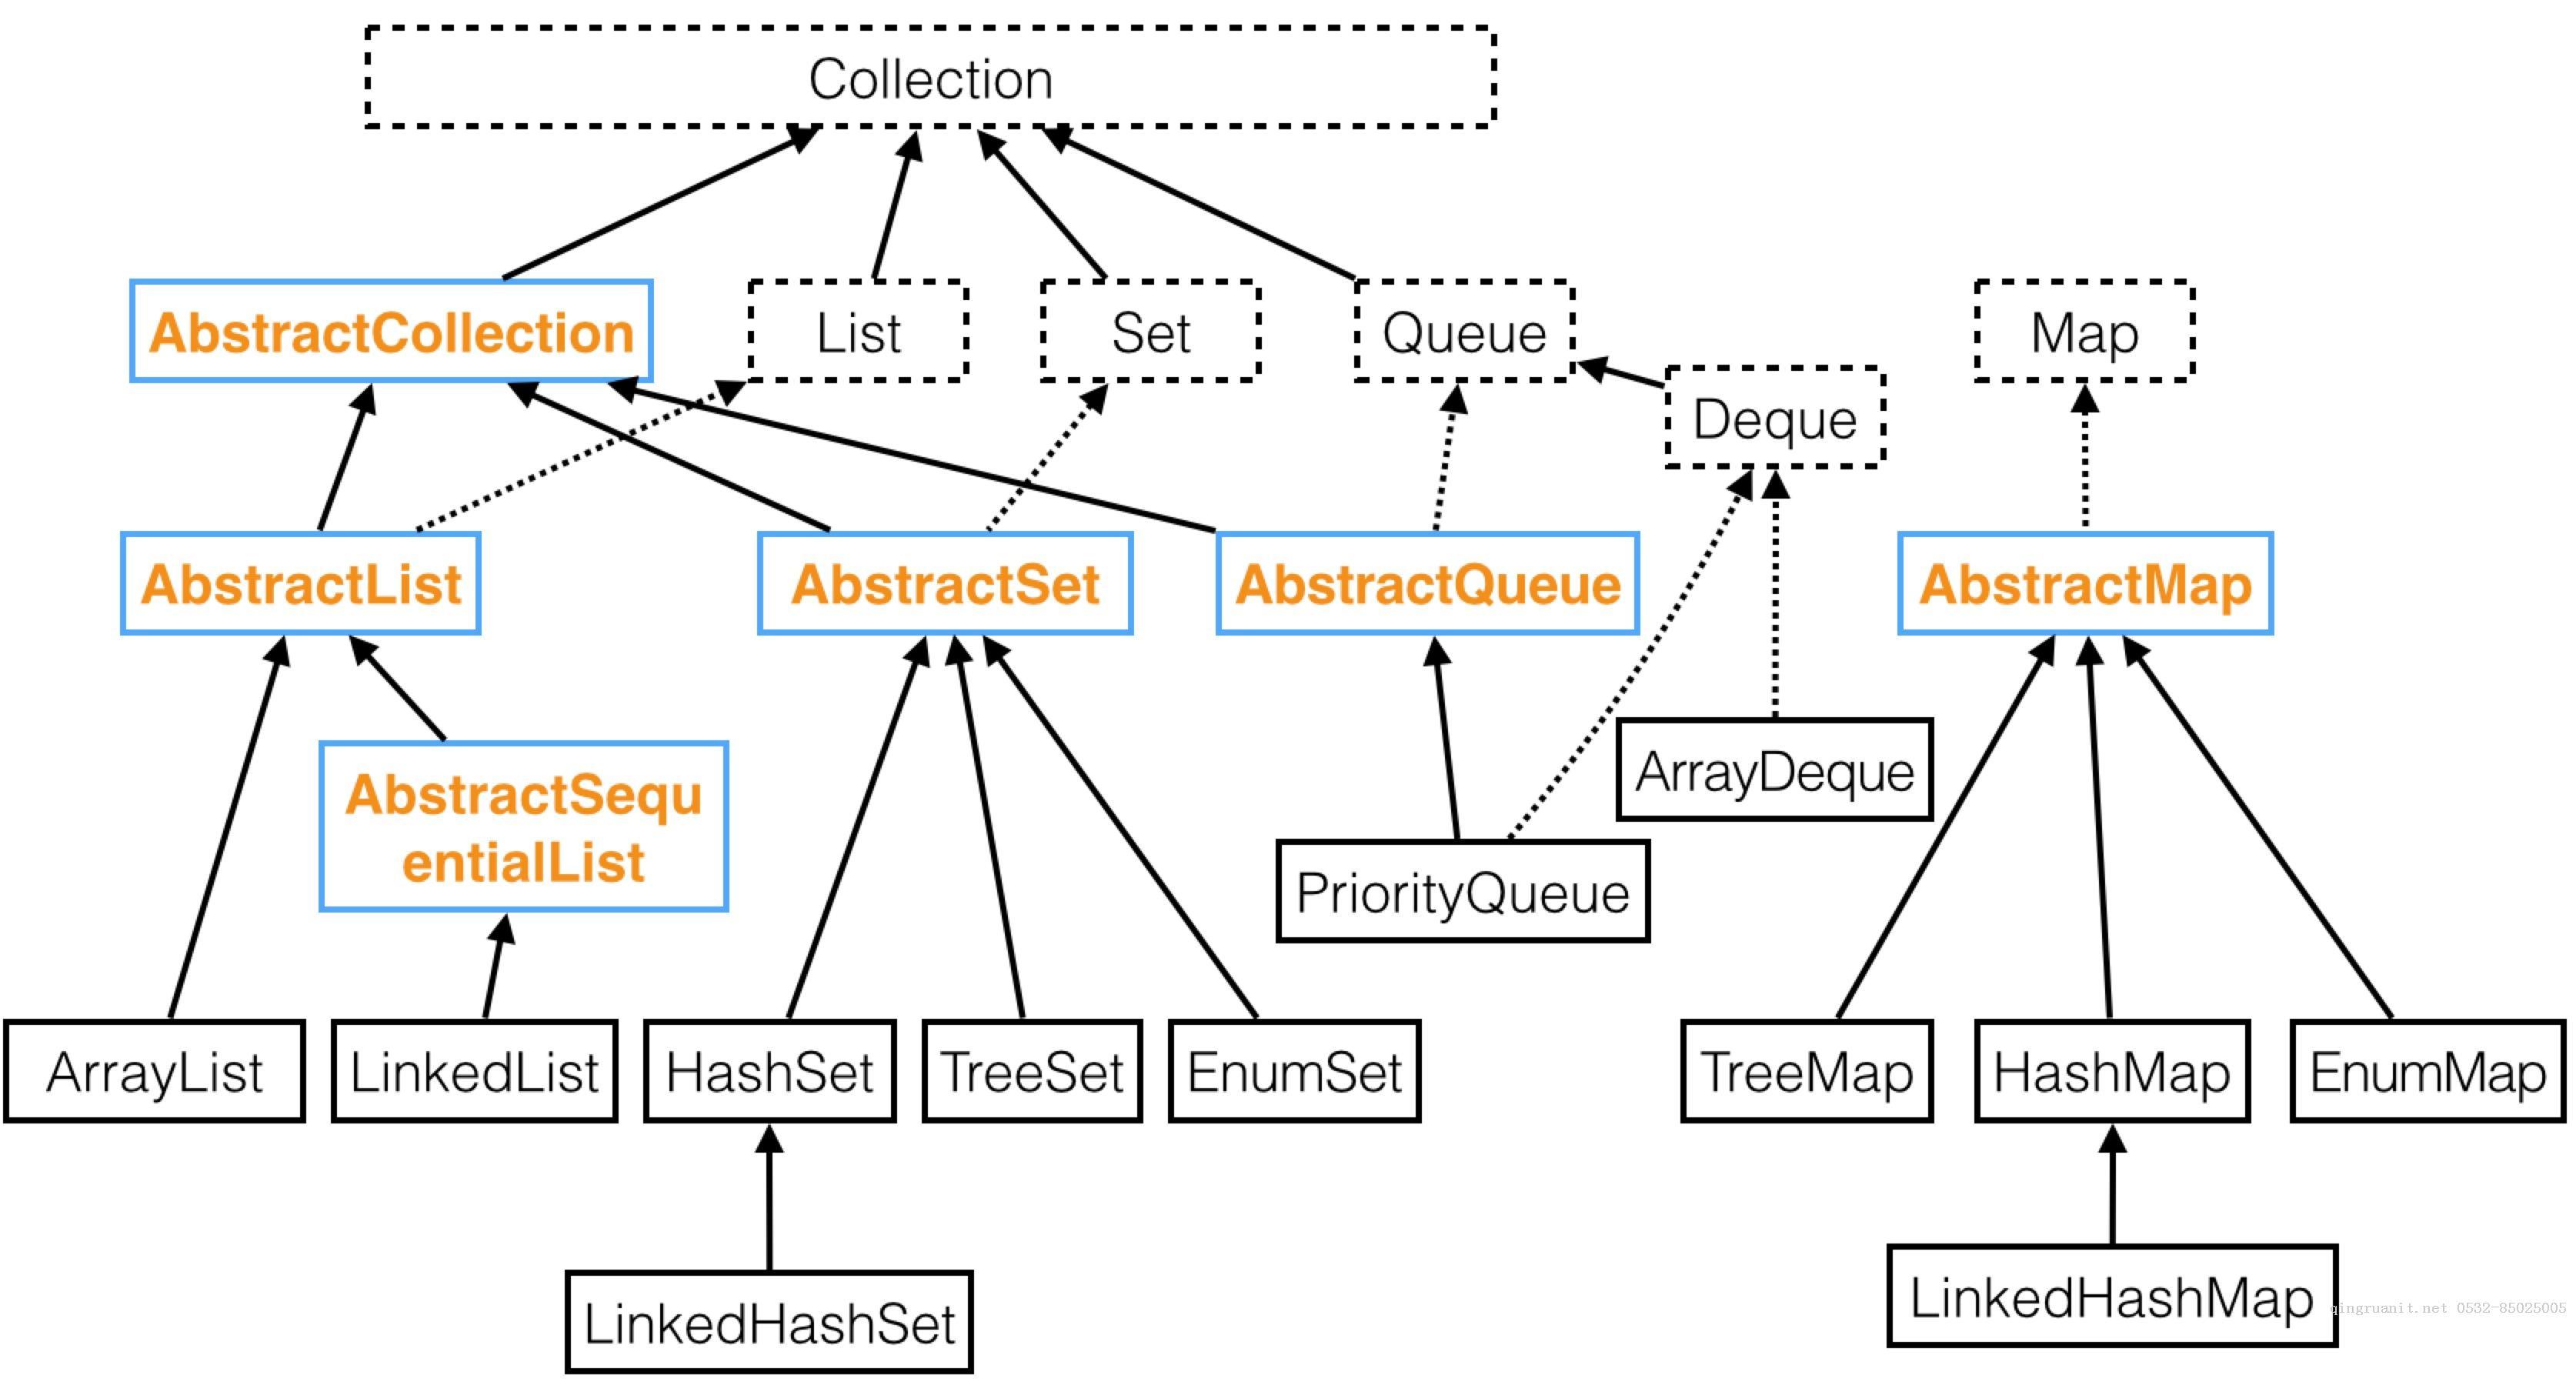 计算机程序的思维逻辑 (52) - 抽象容器类